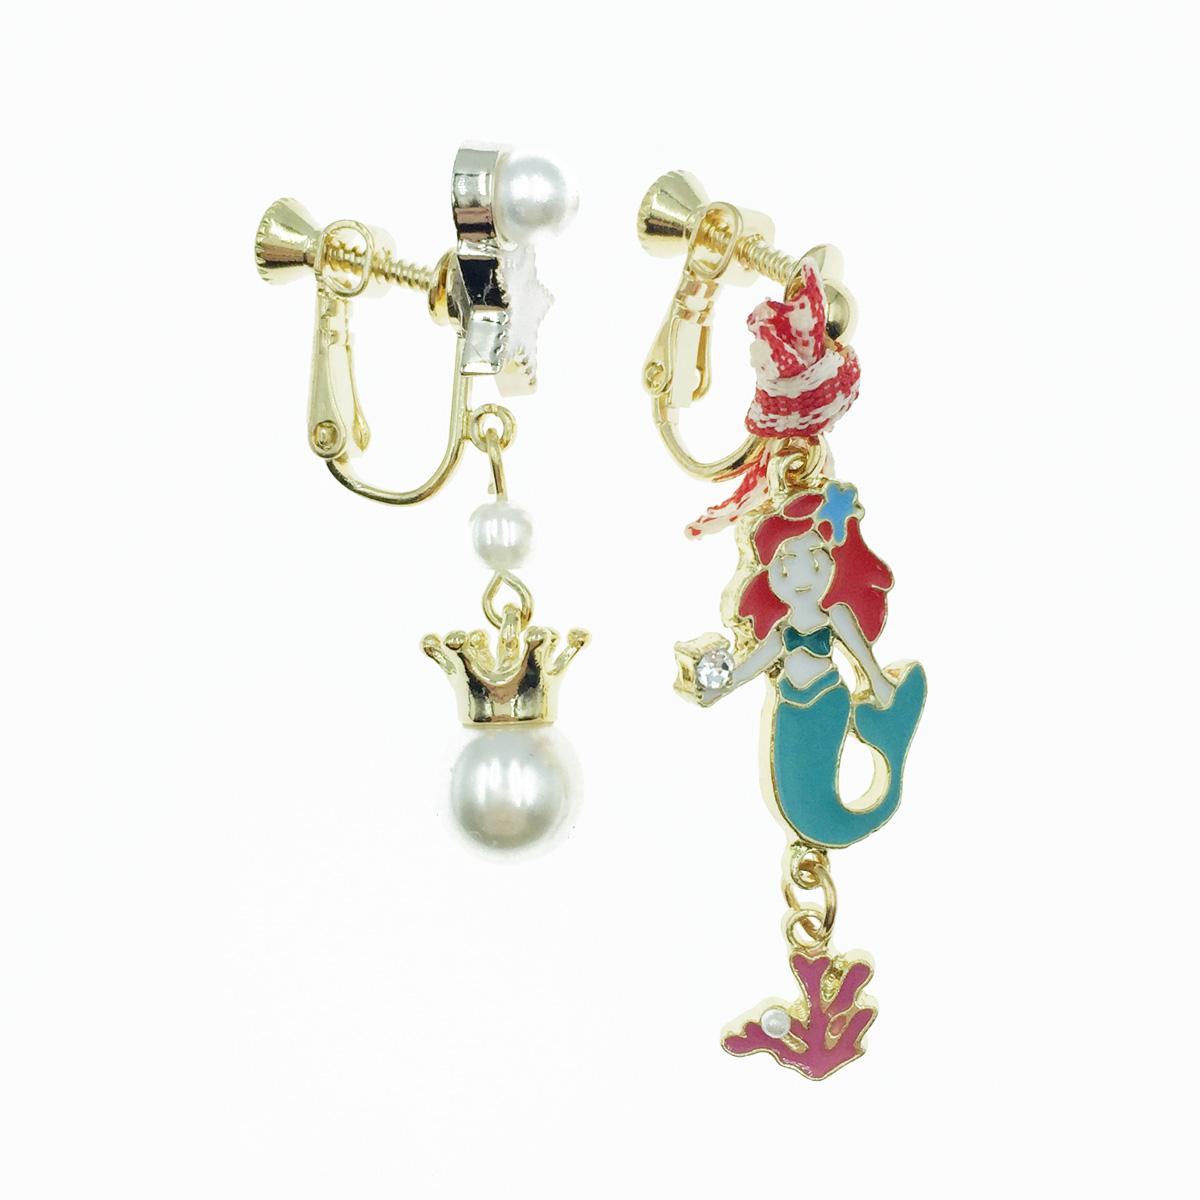 韓國 不對稱 美人魚 星星 珍珠 蝴蝶結 垂墜感 夾式耳環